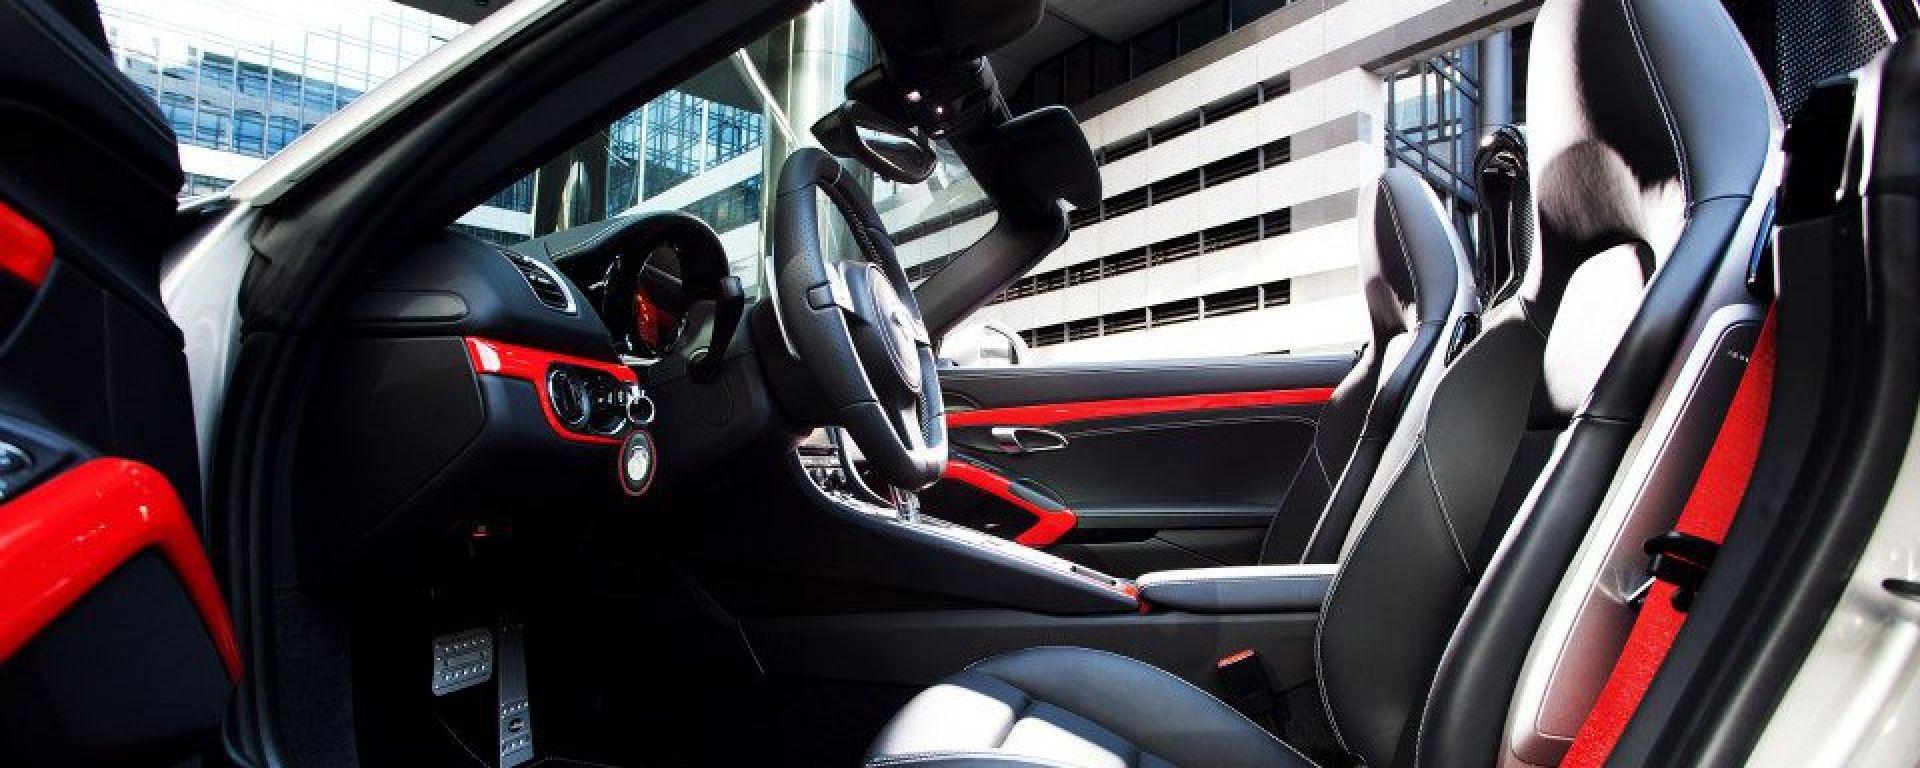 Techart Porsche Boxster 2013